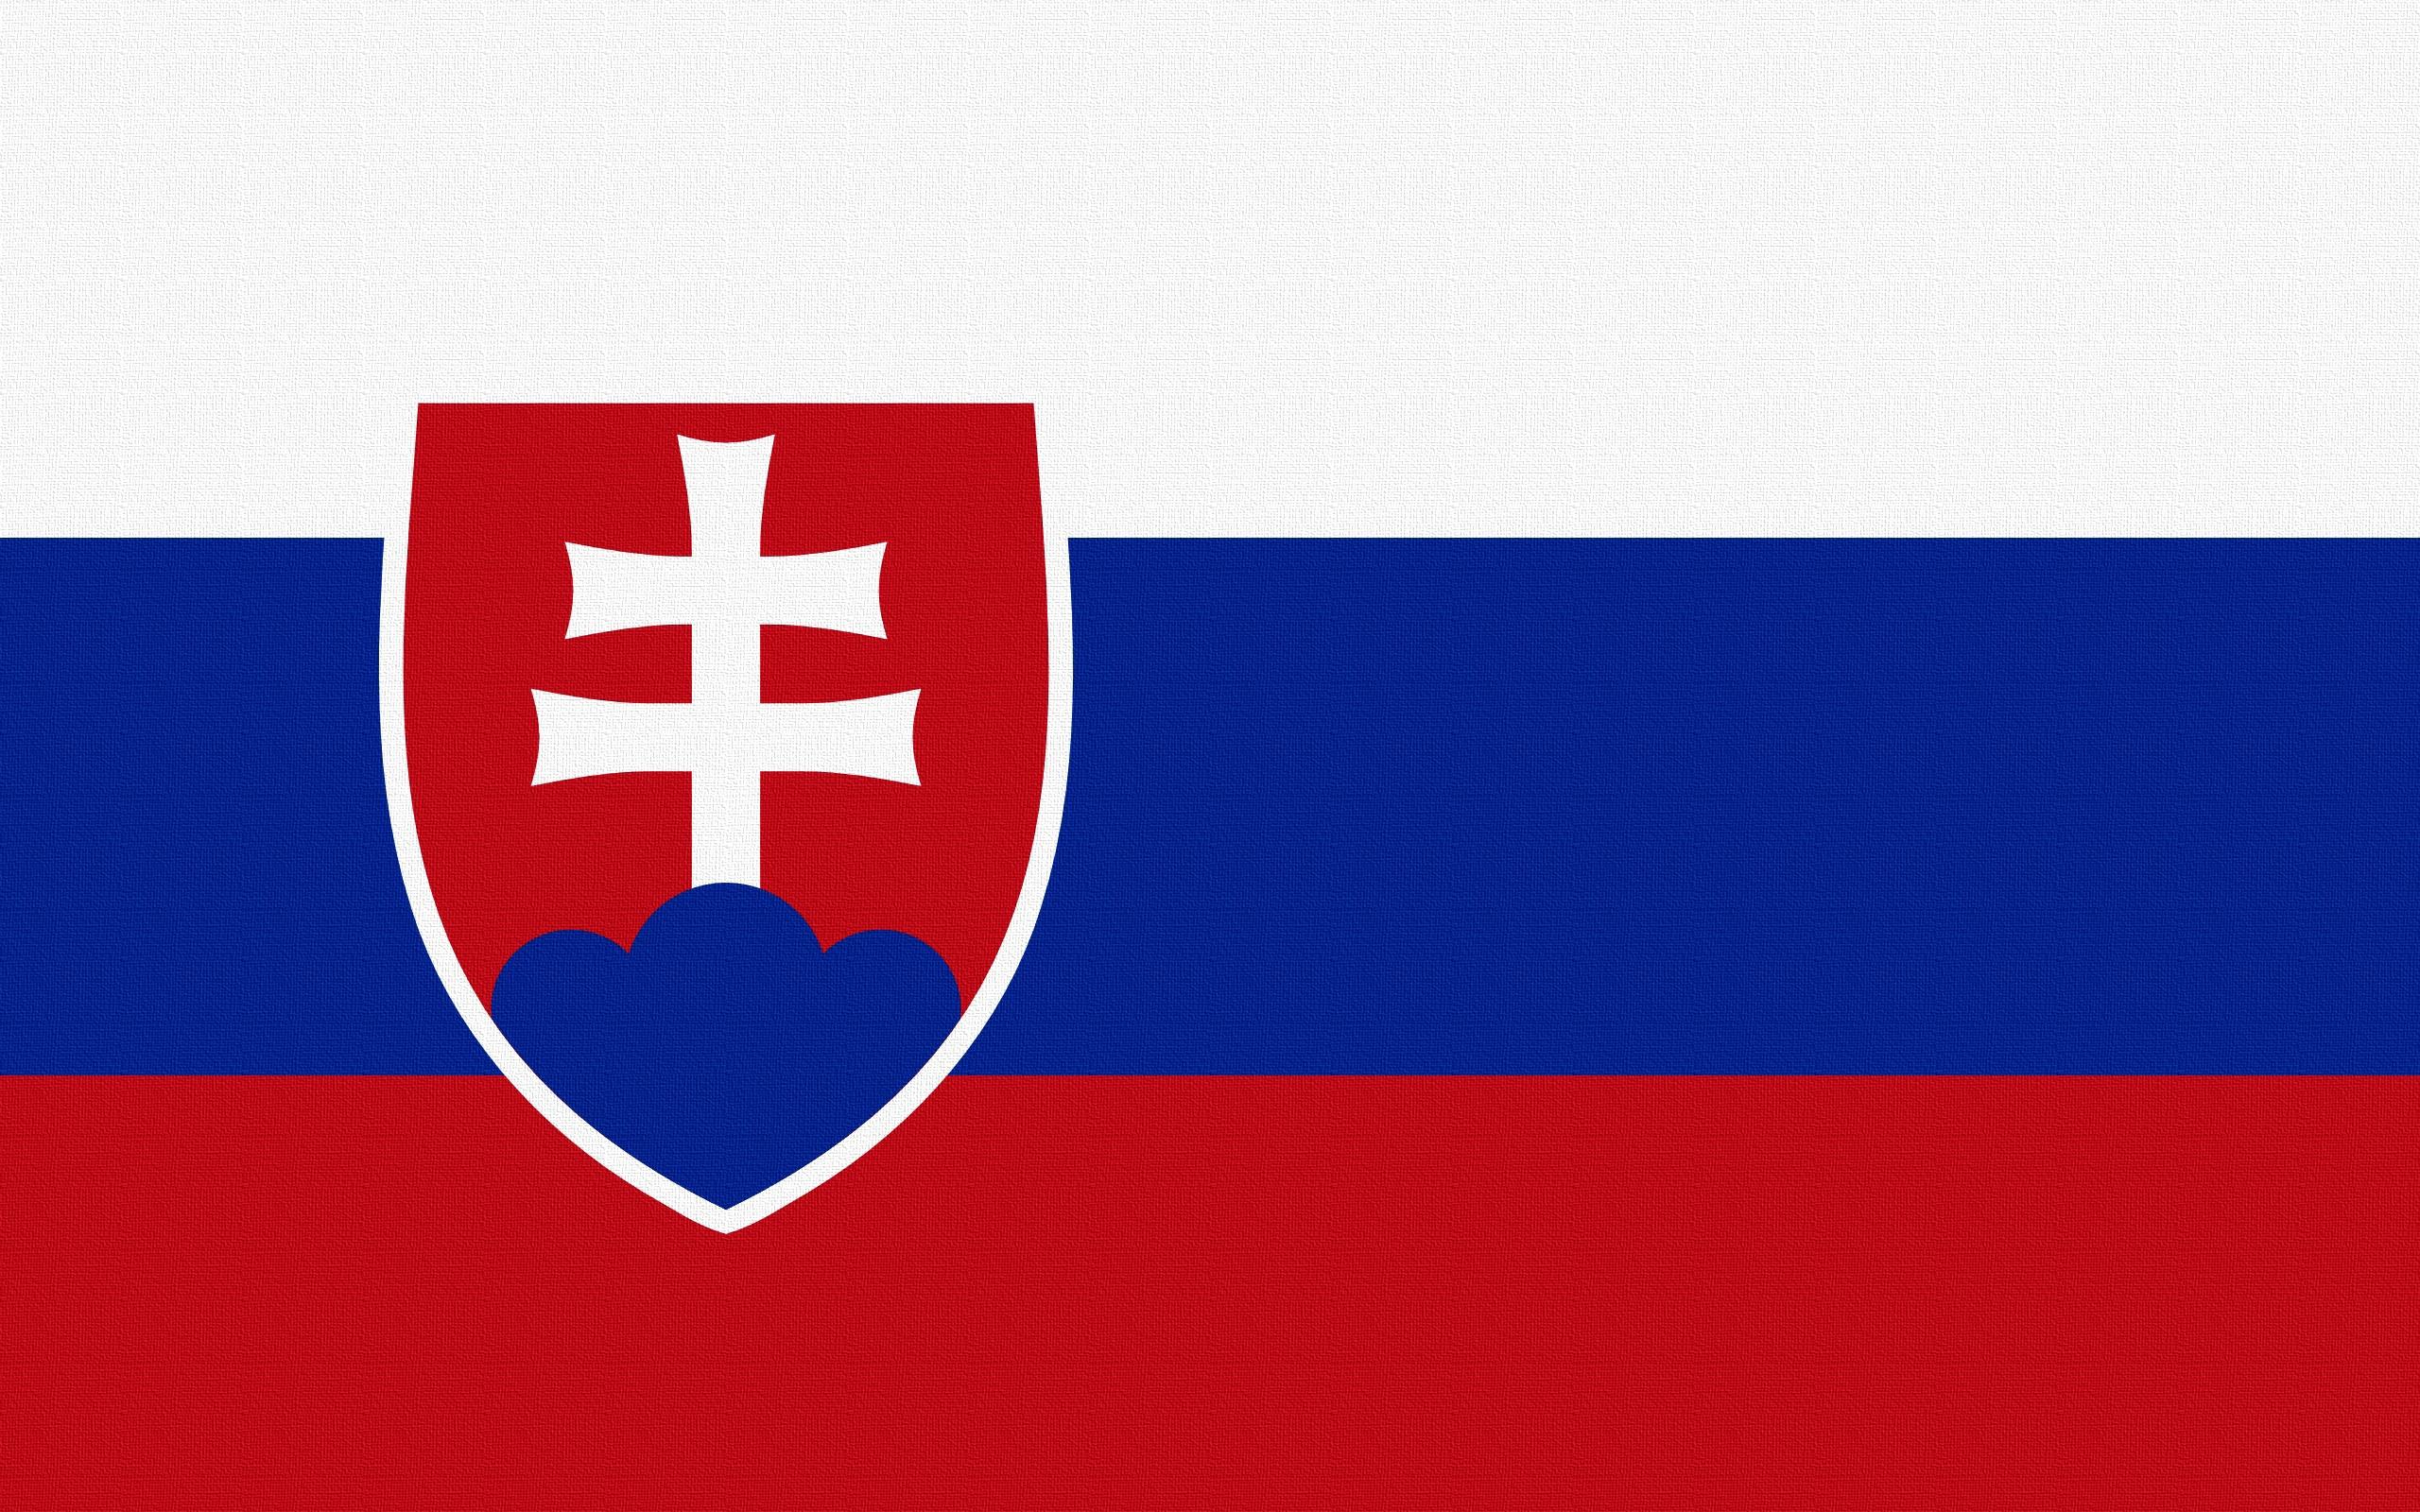 Download wallpaper 2560x1600 slovakia flag symbols widescreen 16 2560x1600